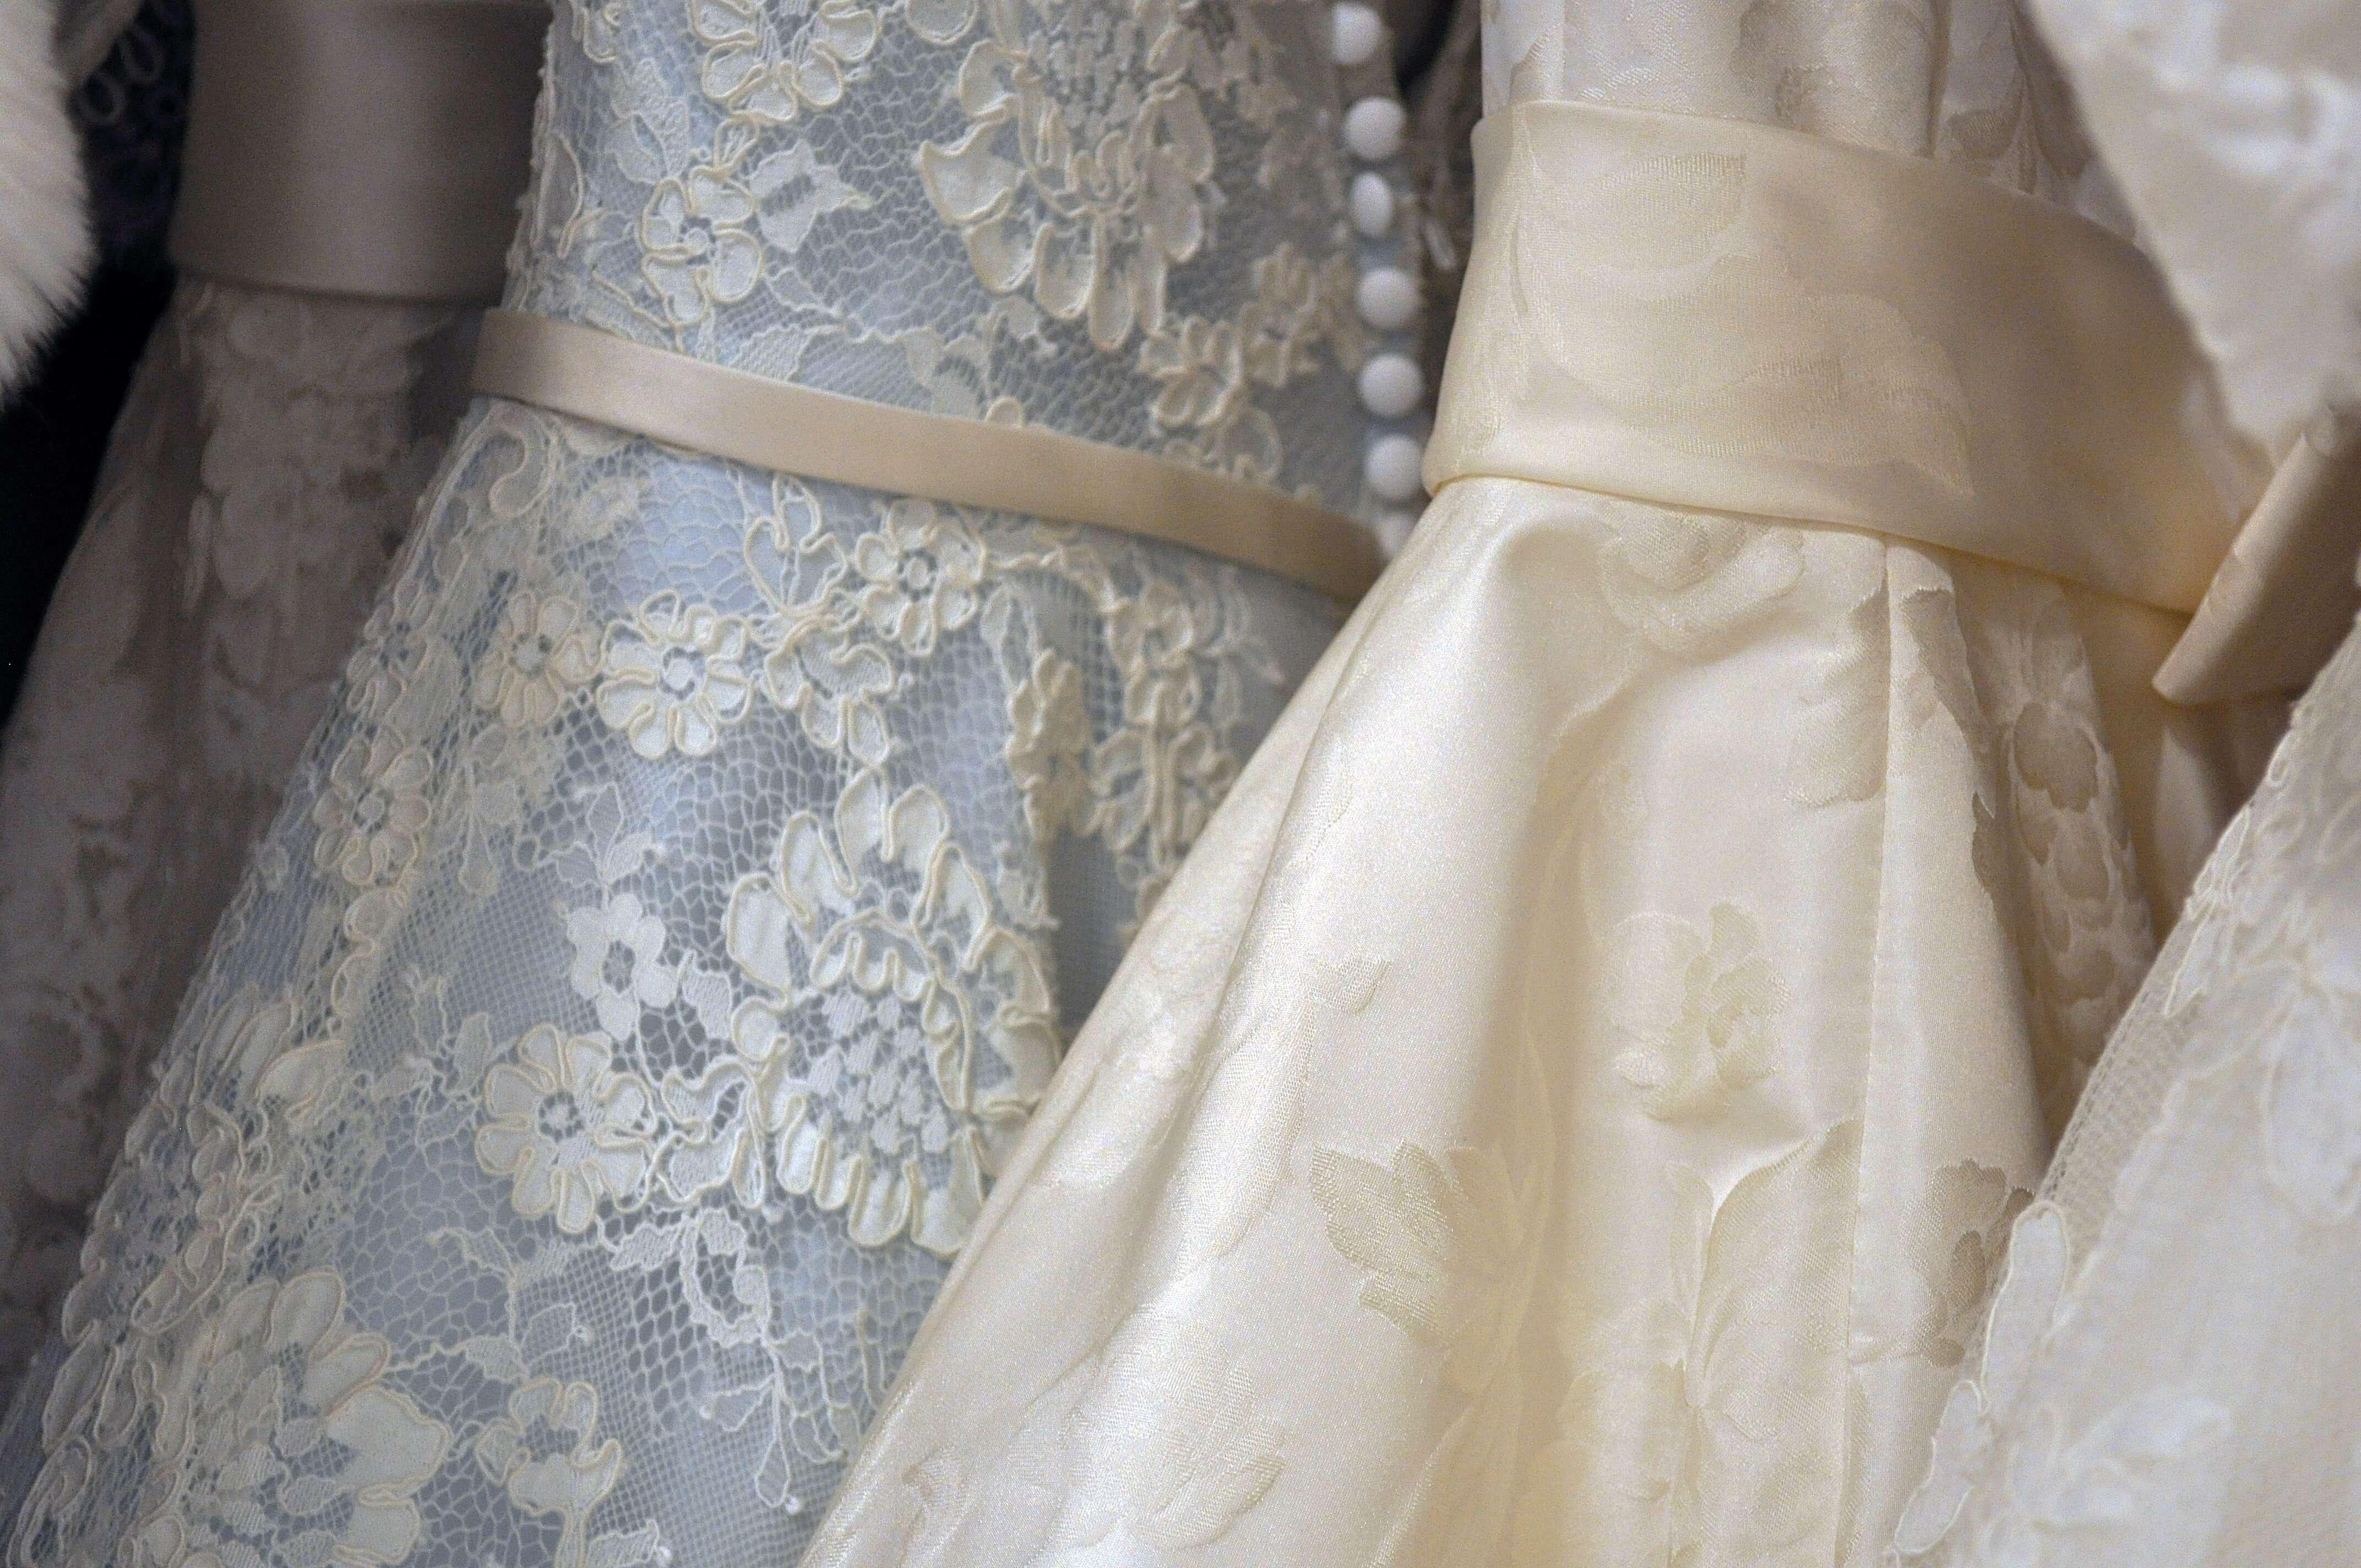 (P) Cauți inspirație pentru ținutele tale? Iată care sunt cele mai populare rochii din toate timpurile!